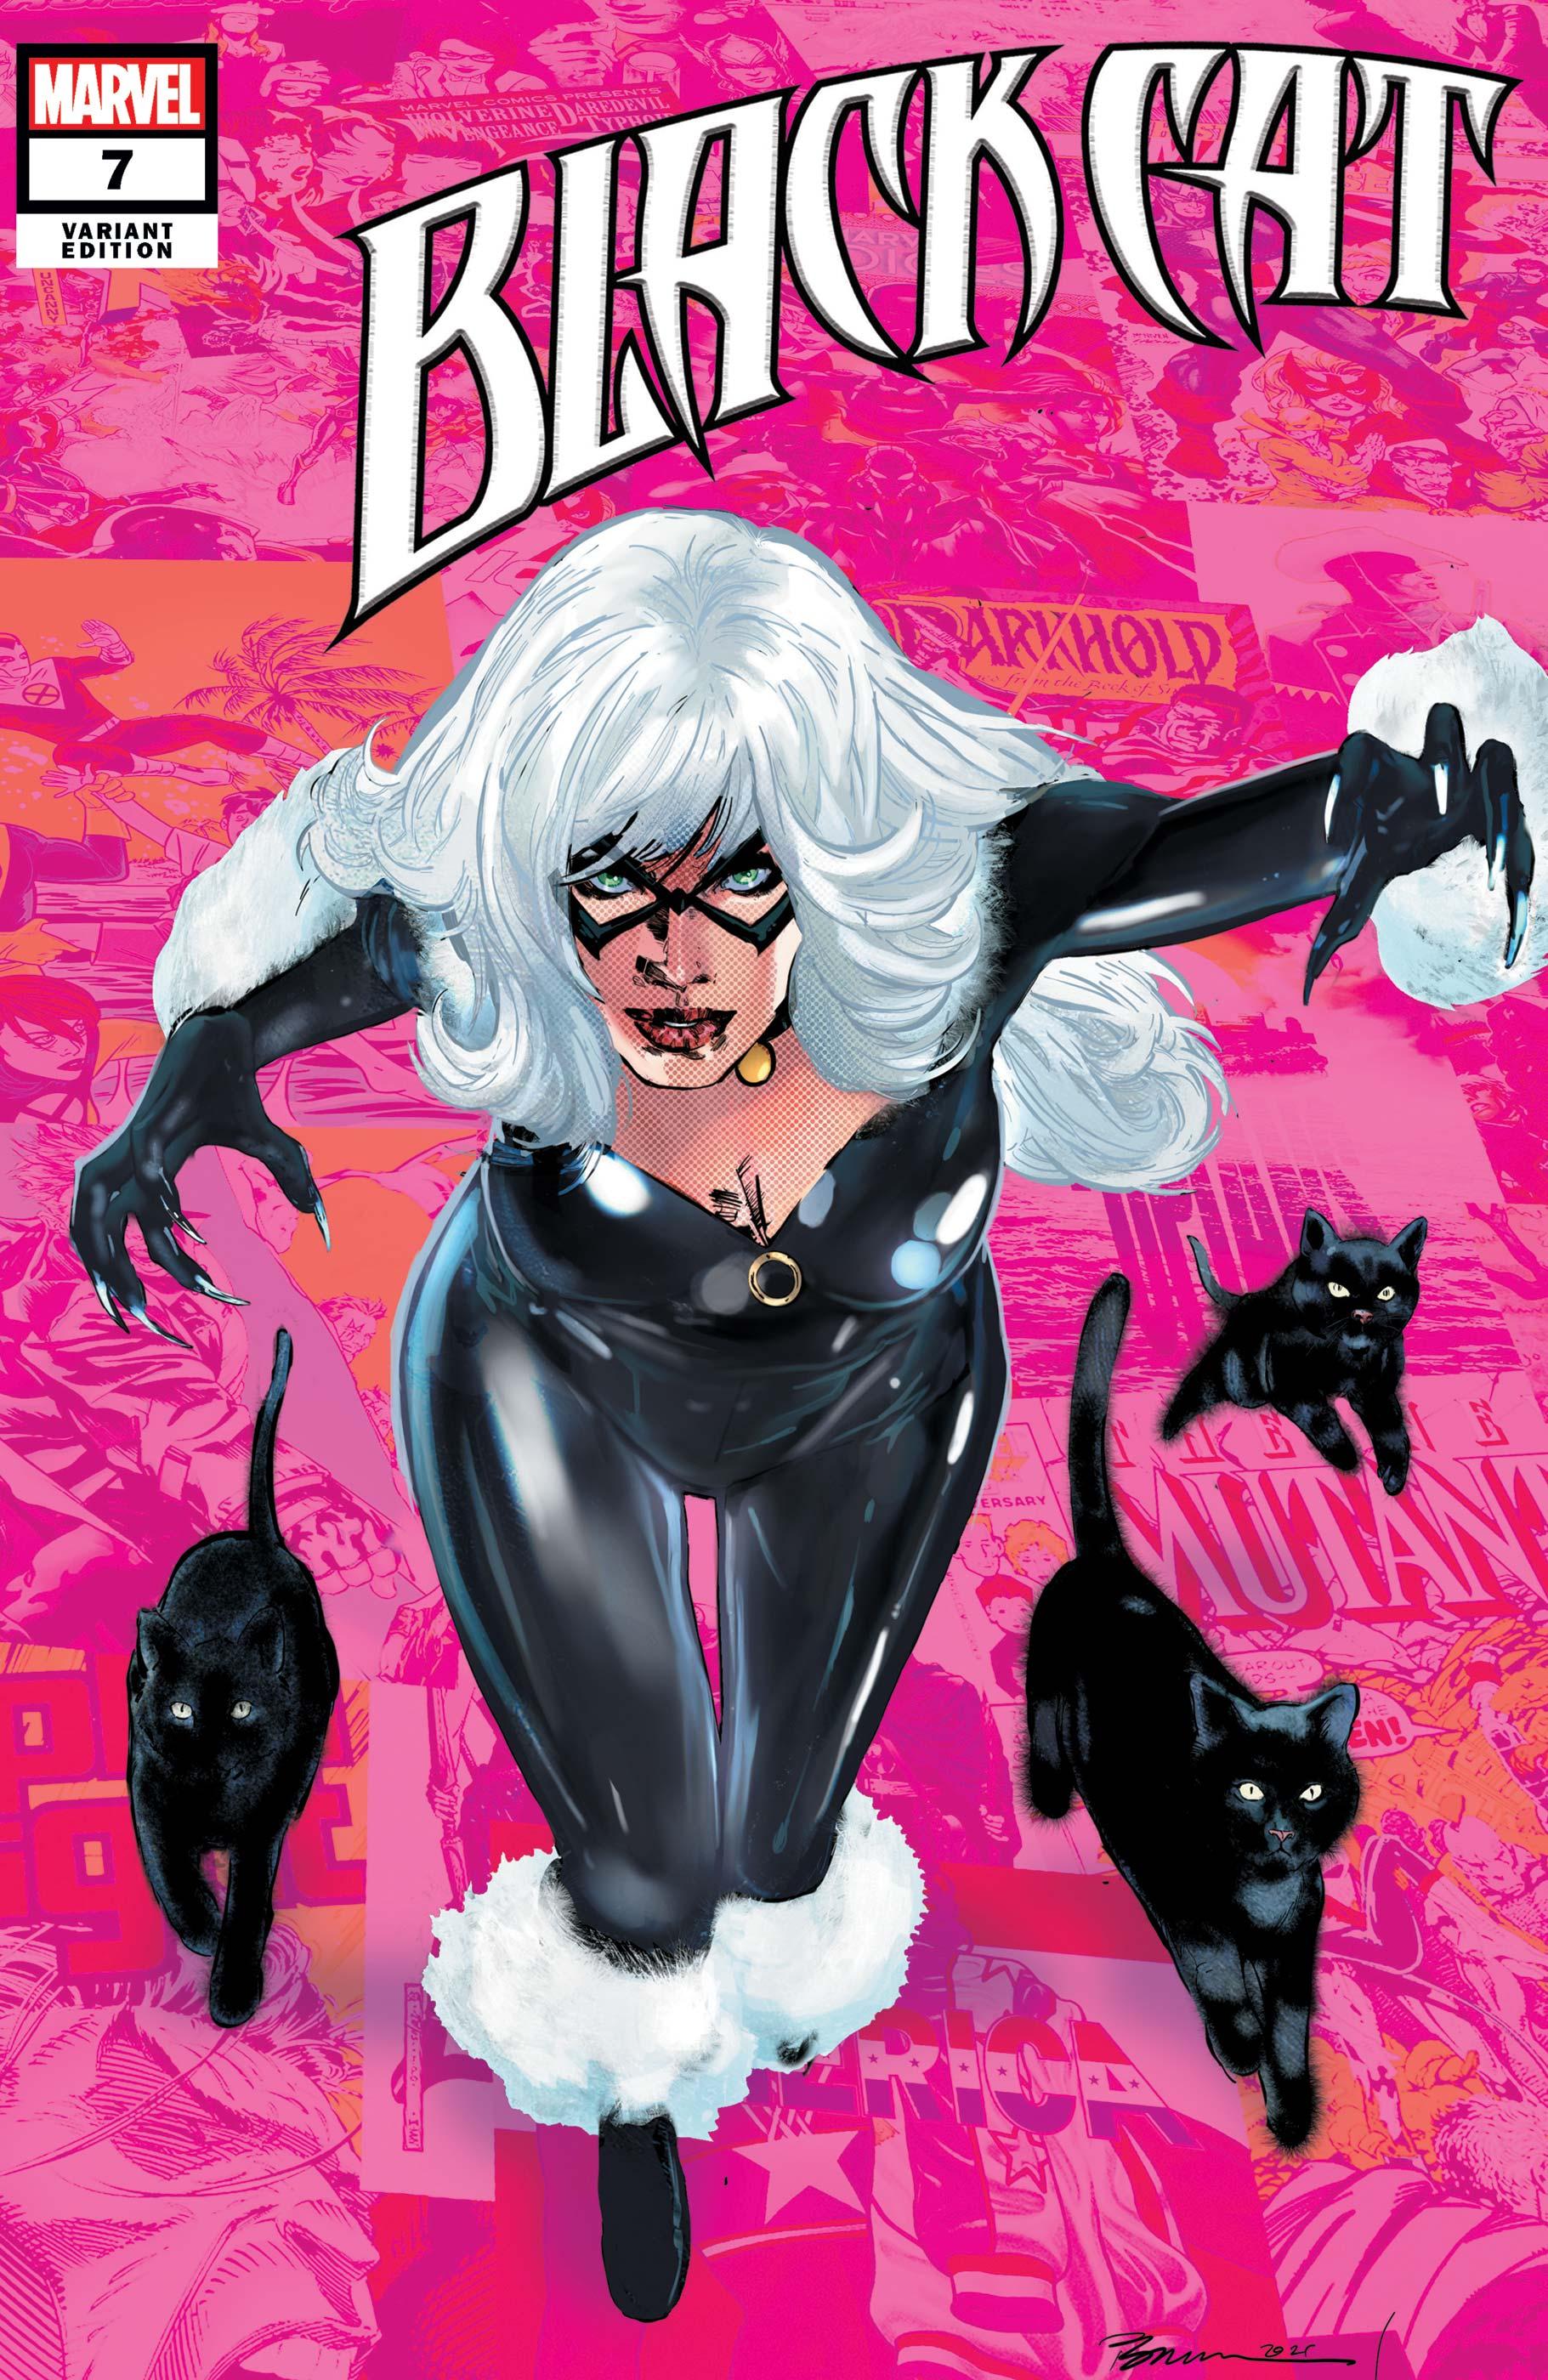 Black Cat (2020) #7 (Variant)